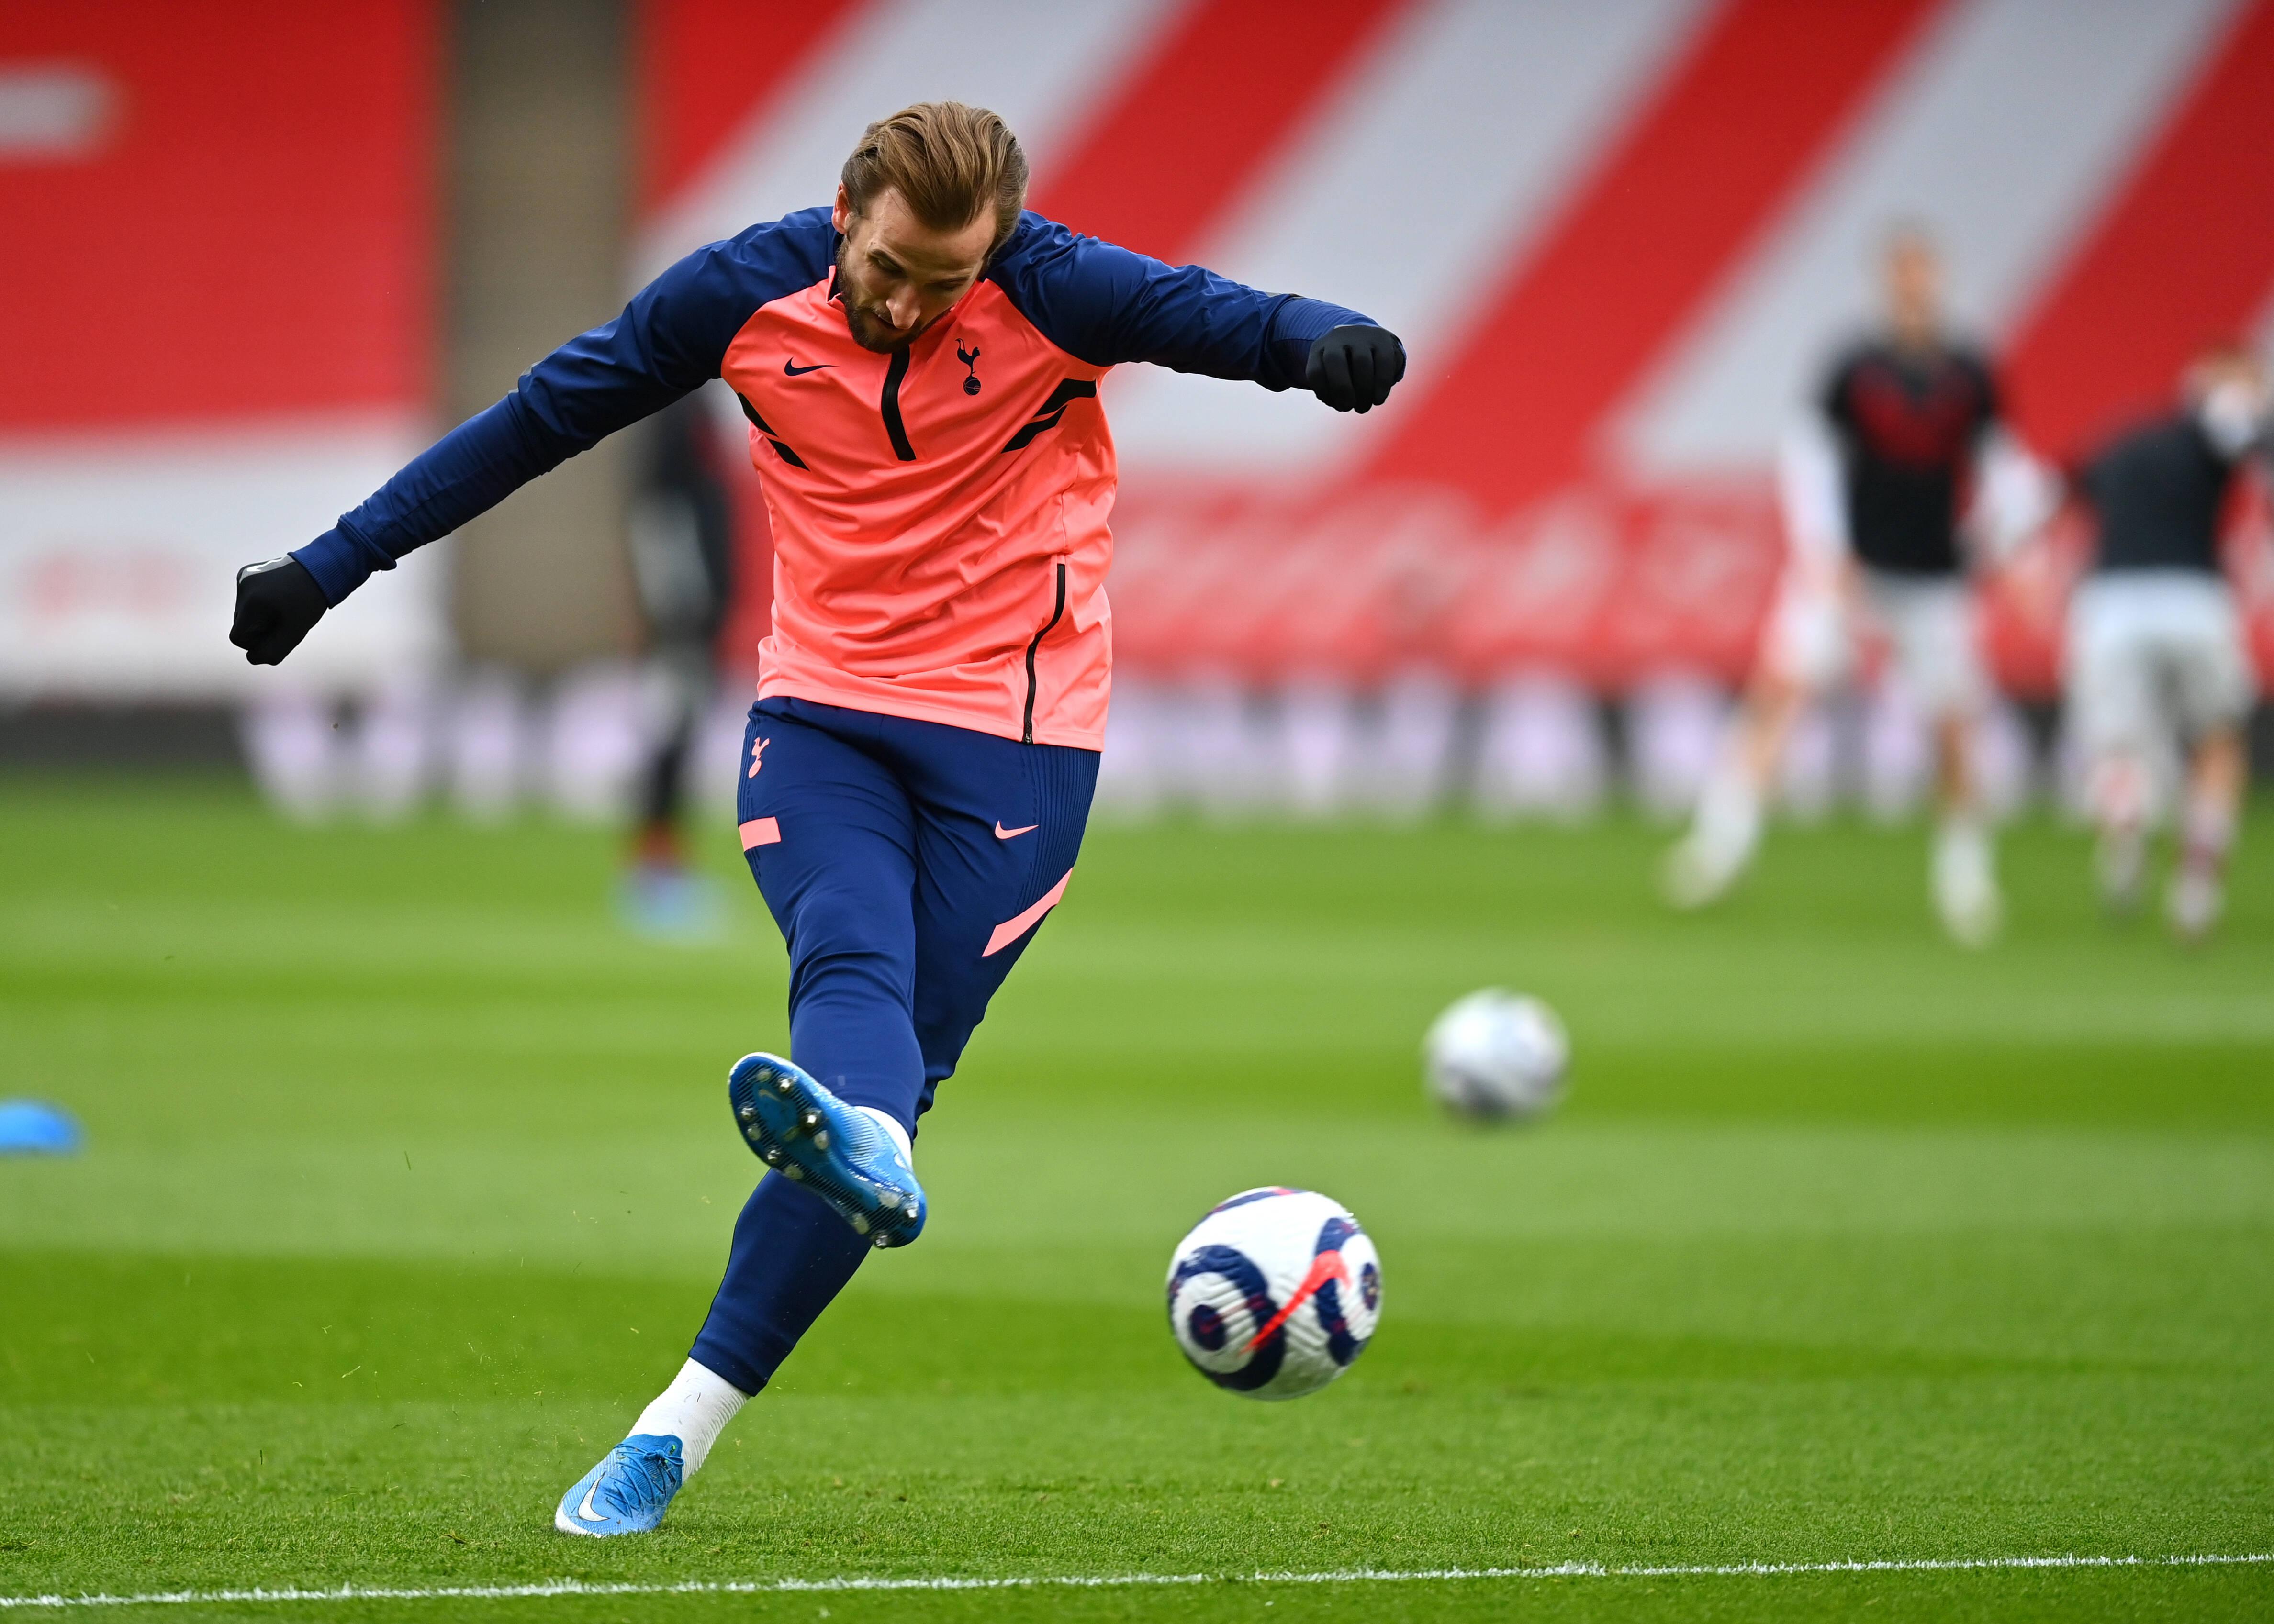 Man Utd ở kỳ chuyển nhượng Hè: 6 đi, 3 đến - 1 cái tên xa lạ - Bóng Đá